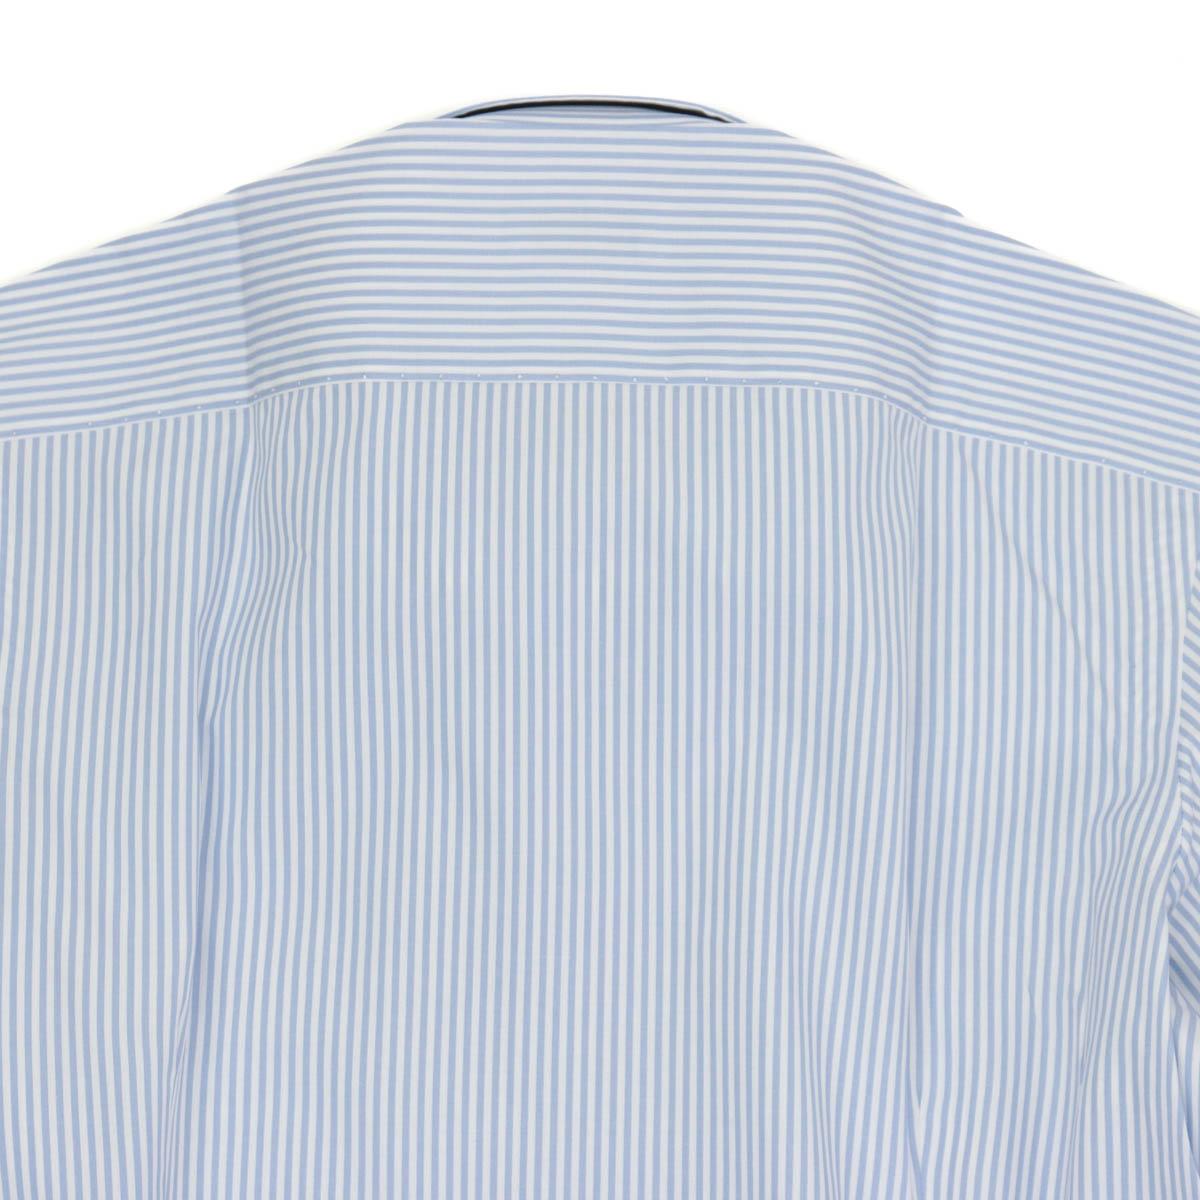 RING JACKET Napoli 12ポイントハンド ピンホールカラーシャツ 【ロンドンストライプ/サックスブルー】